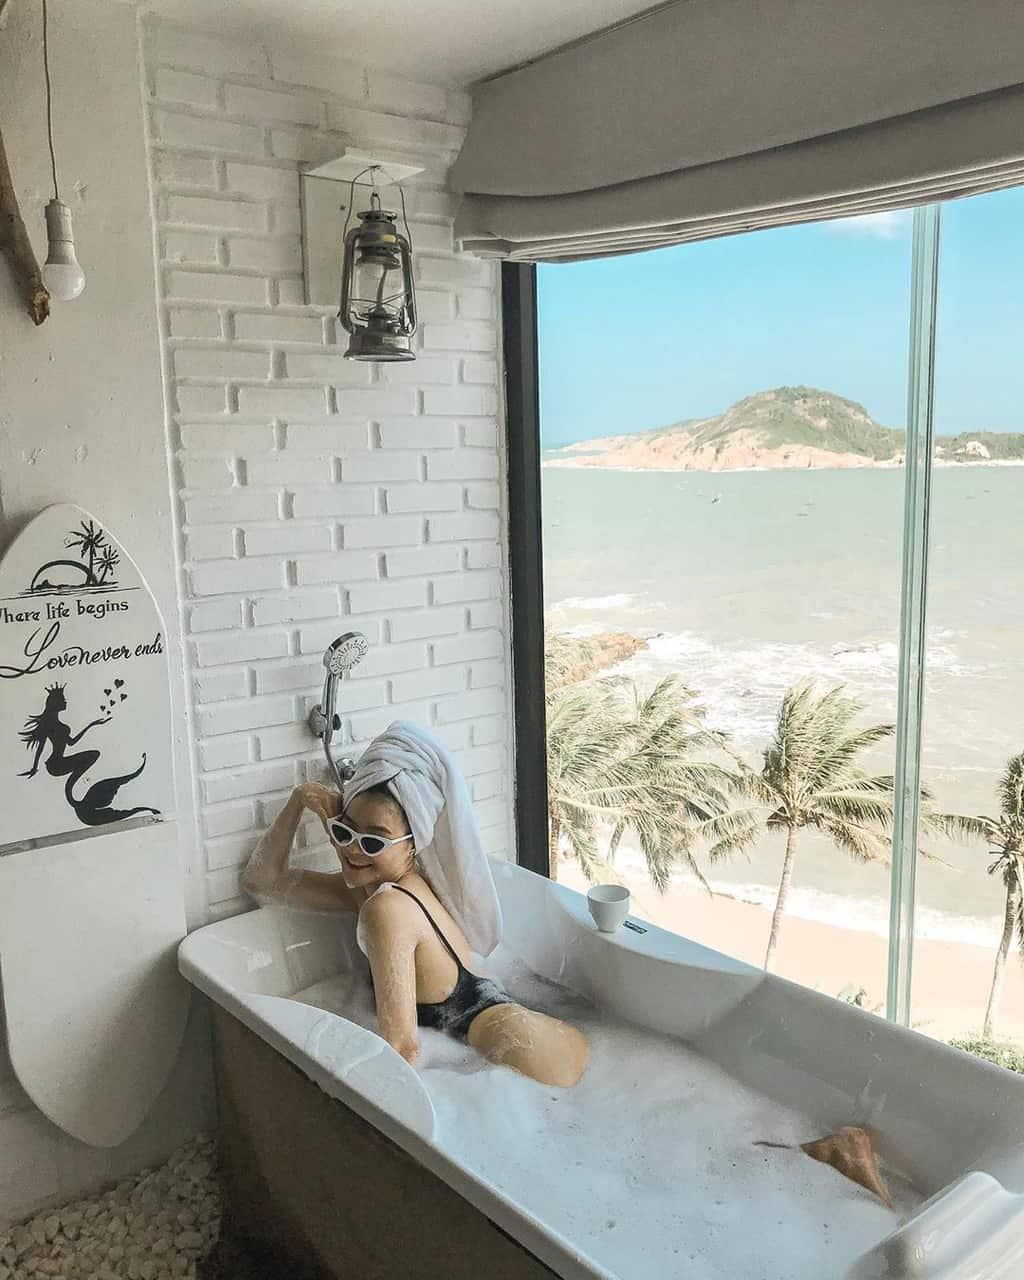 Vừa thư giãn trong bồn tắm vừa ngắm nhìn những con sóng trắng xóa đập vào bờ. Hình: Sưu tầm